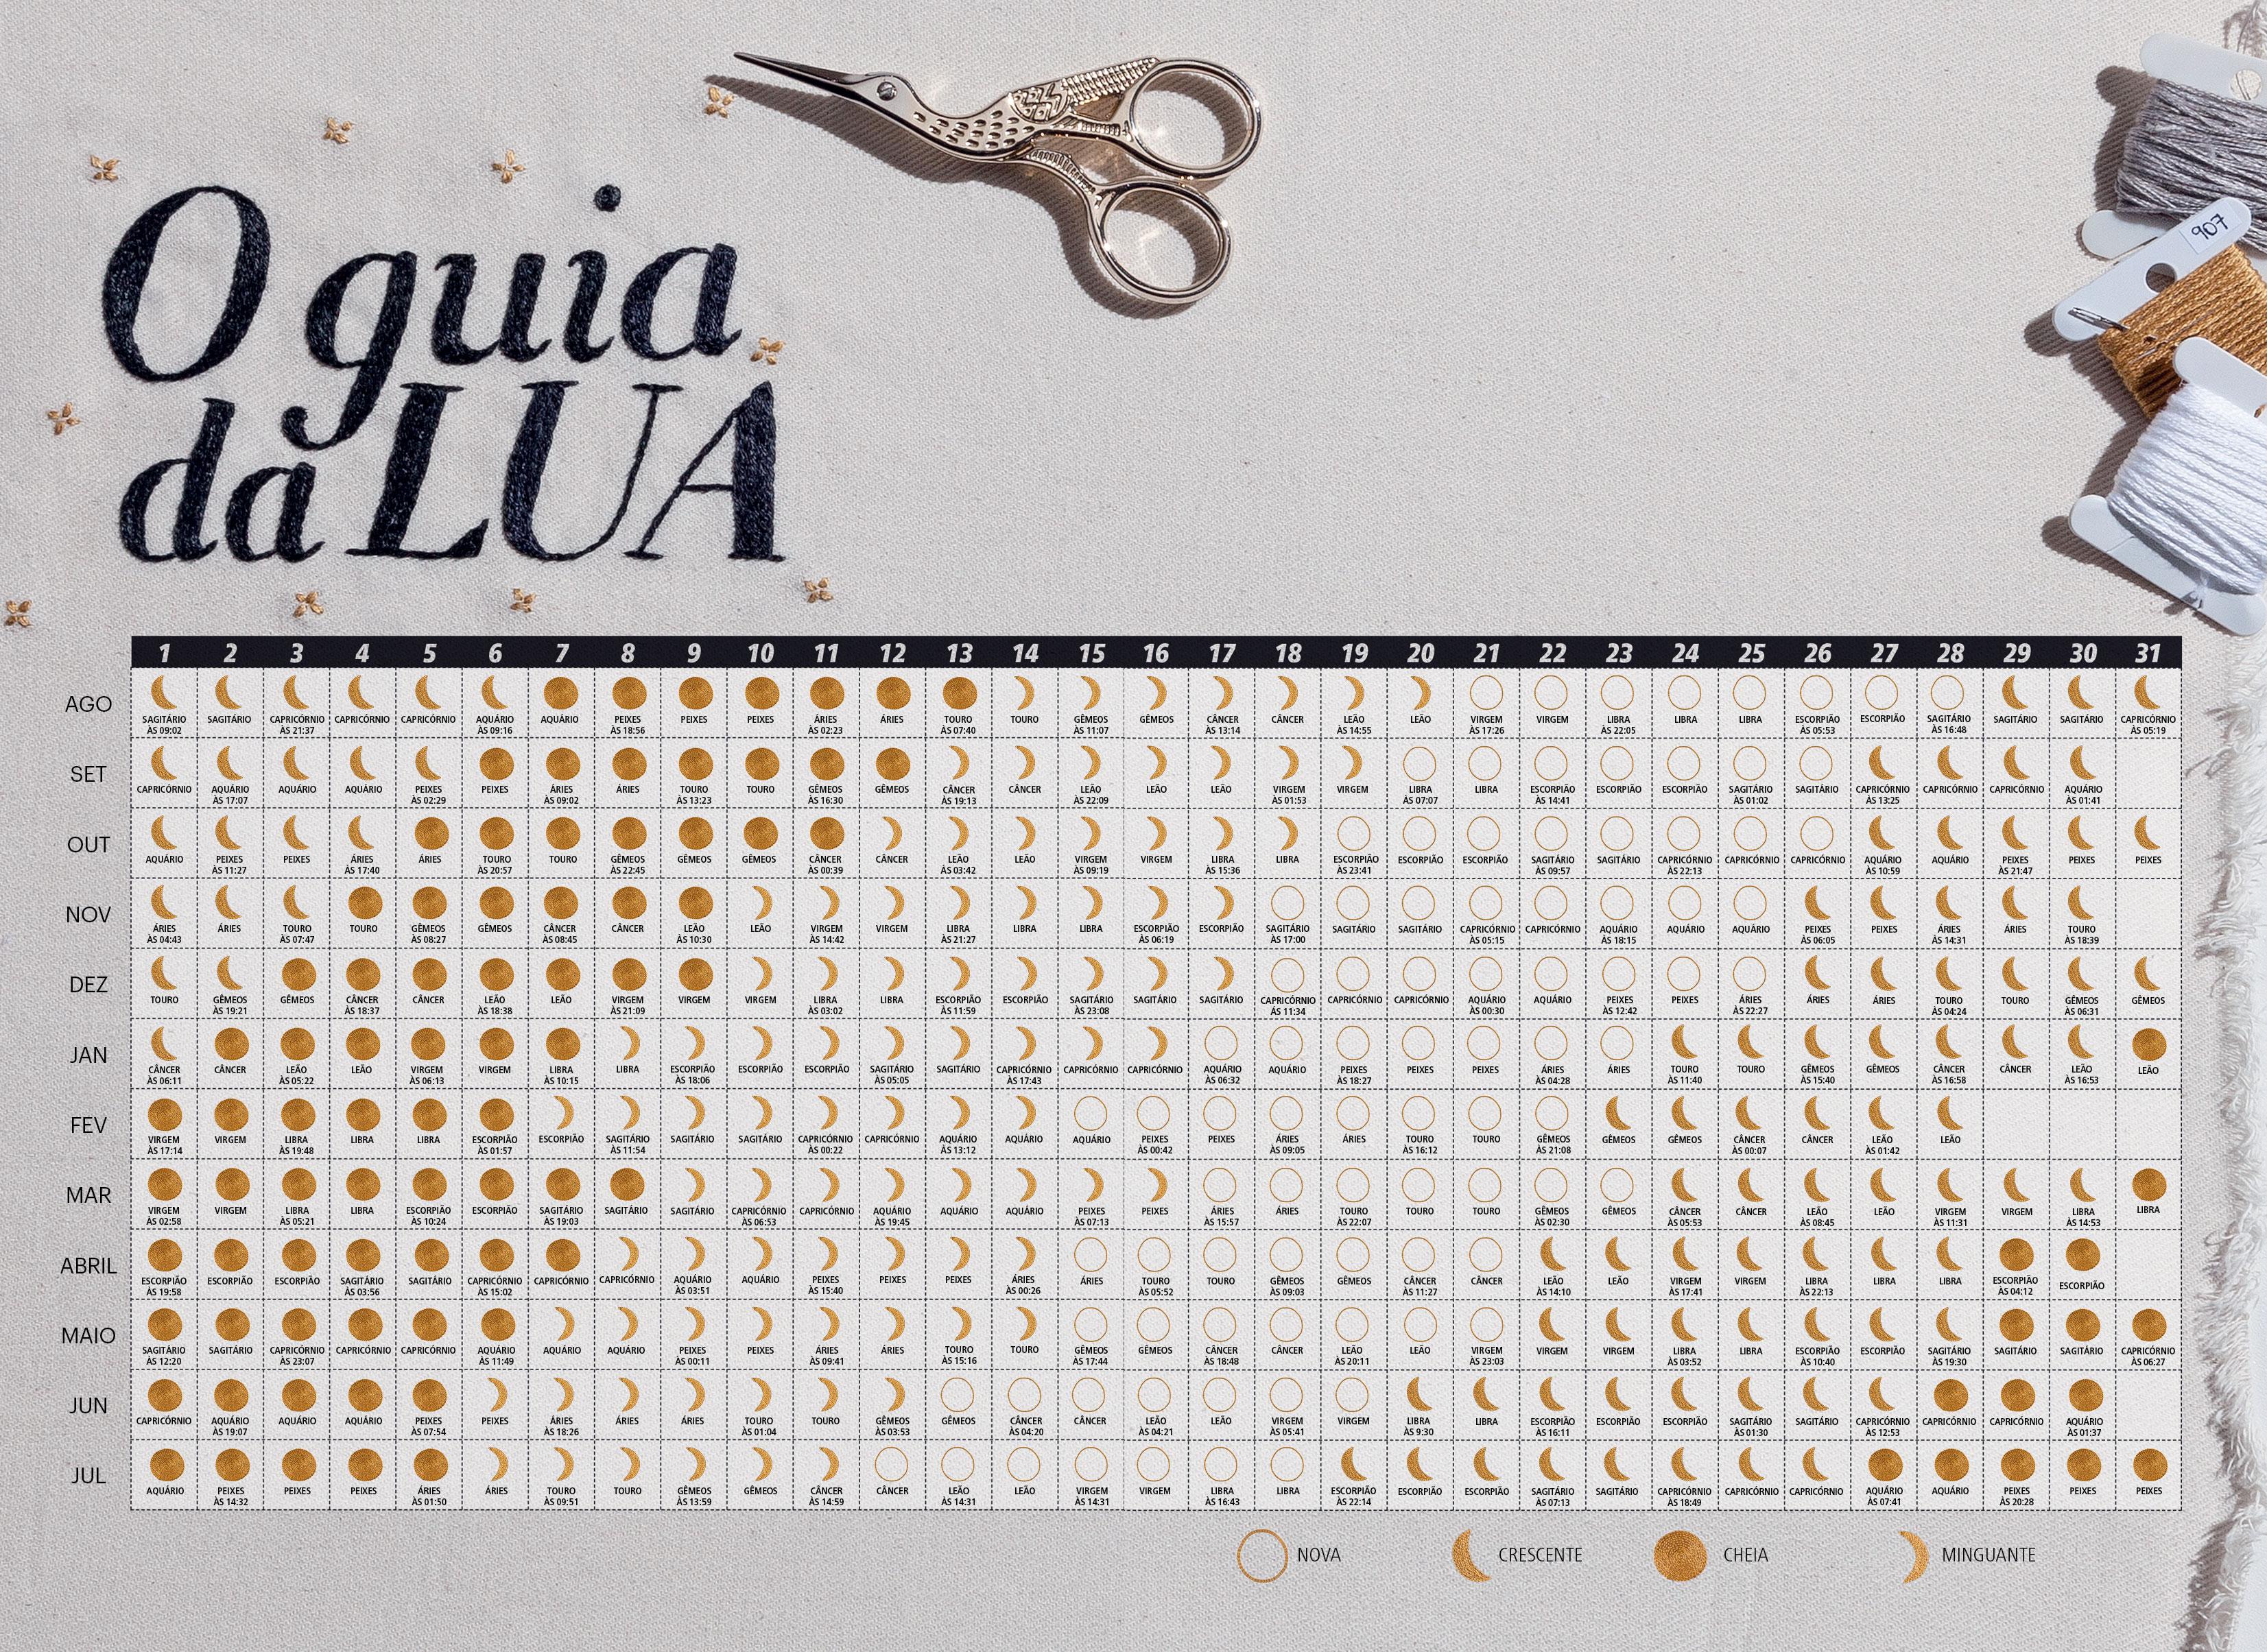 Guia da Lua 2017/2018